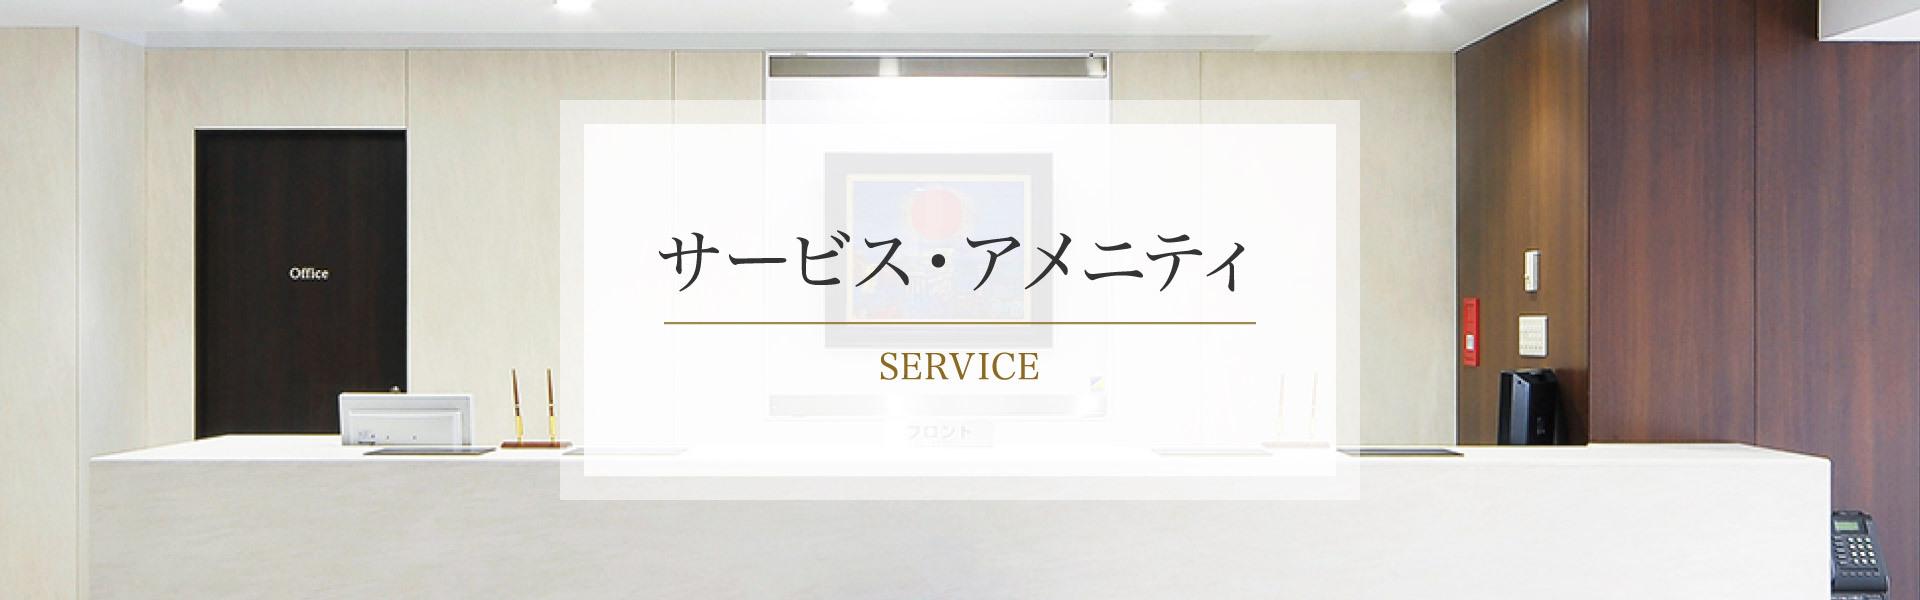 サービス・アメニティ|SERVICE